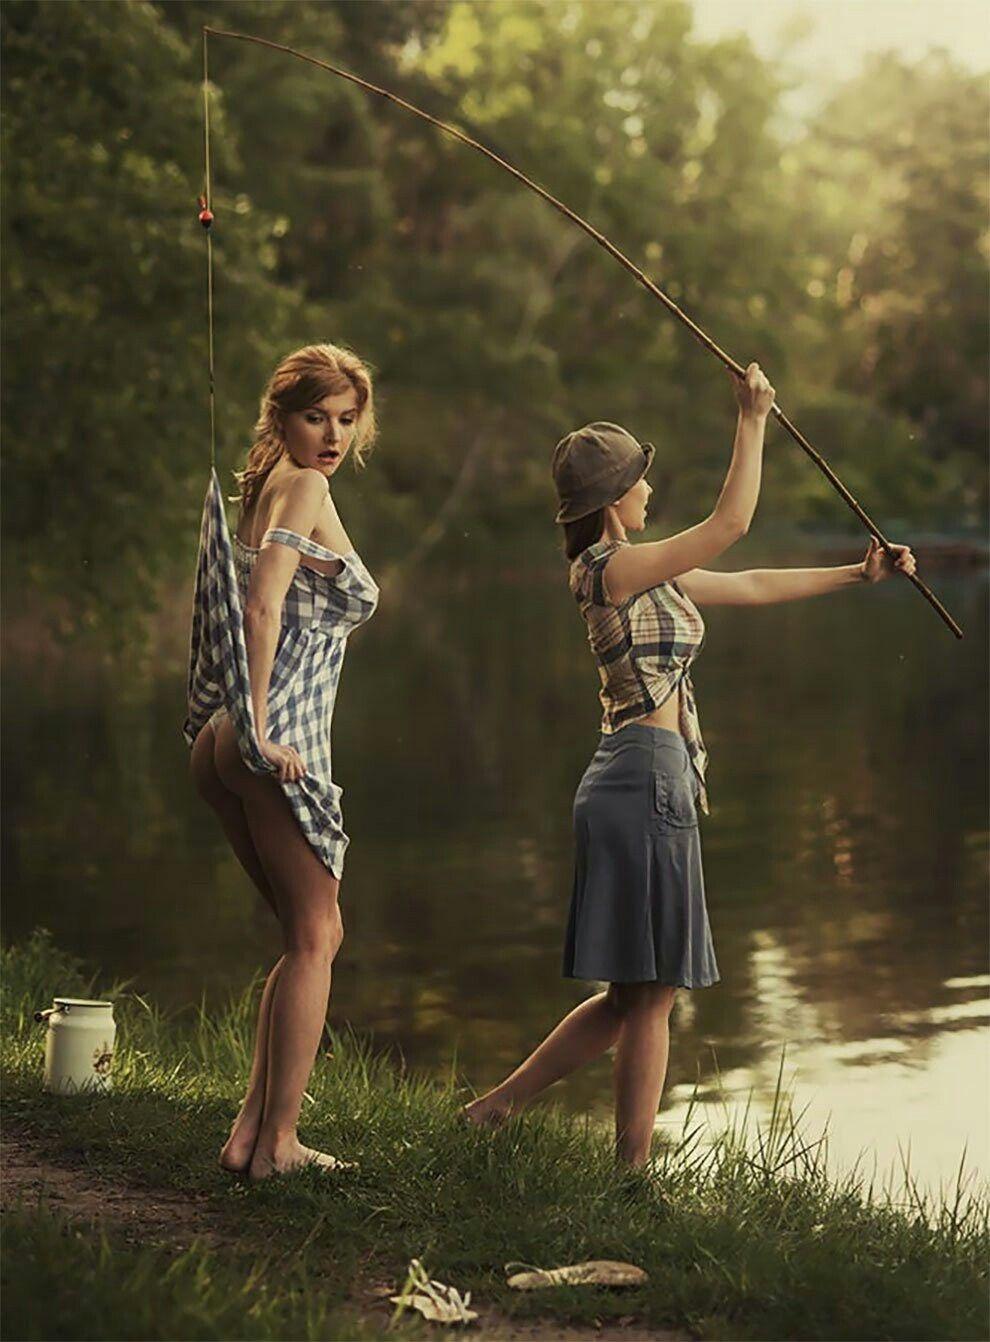 bbs girl Ukrainian model